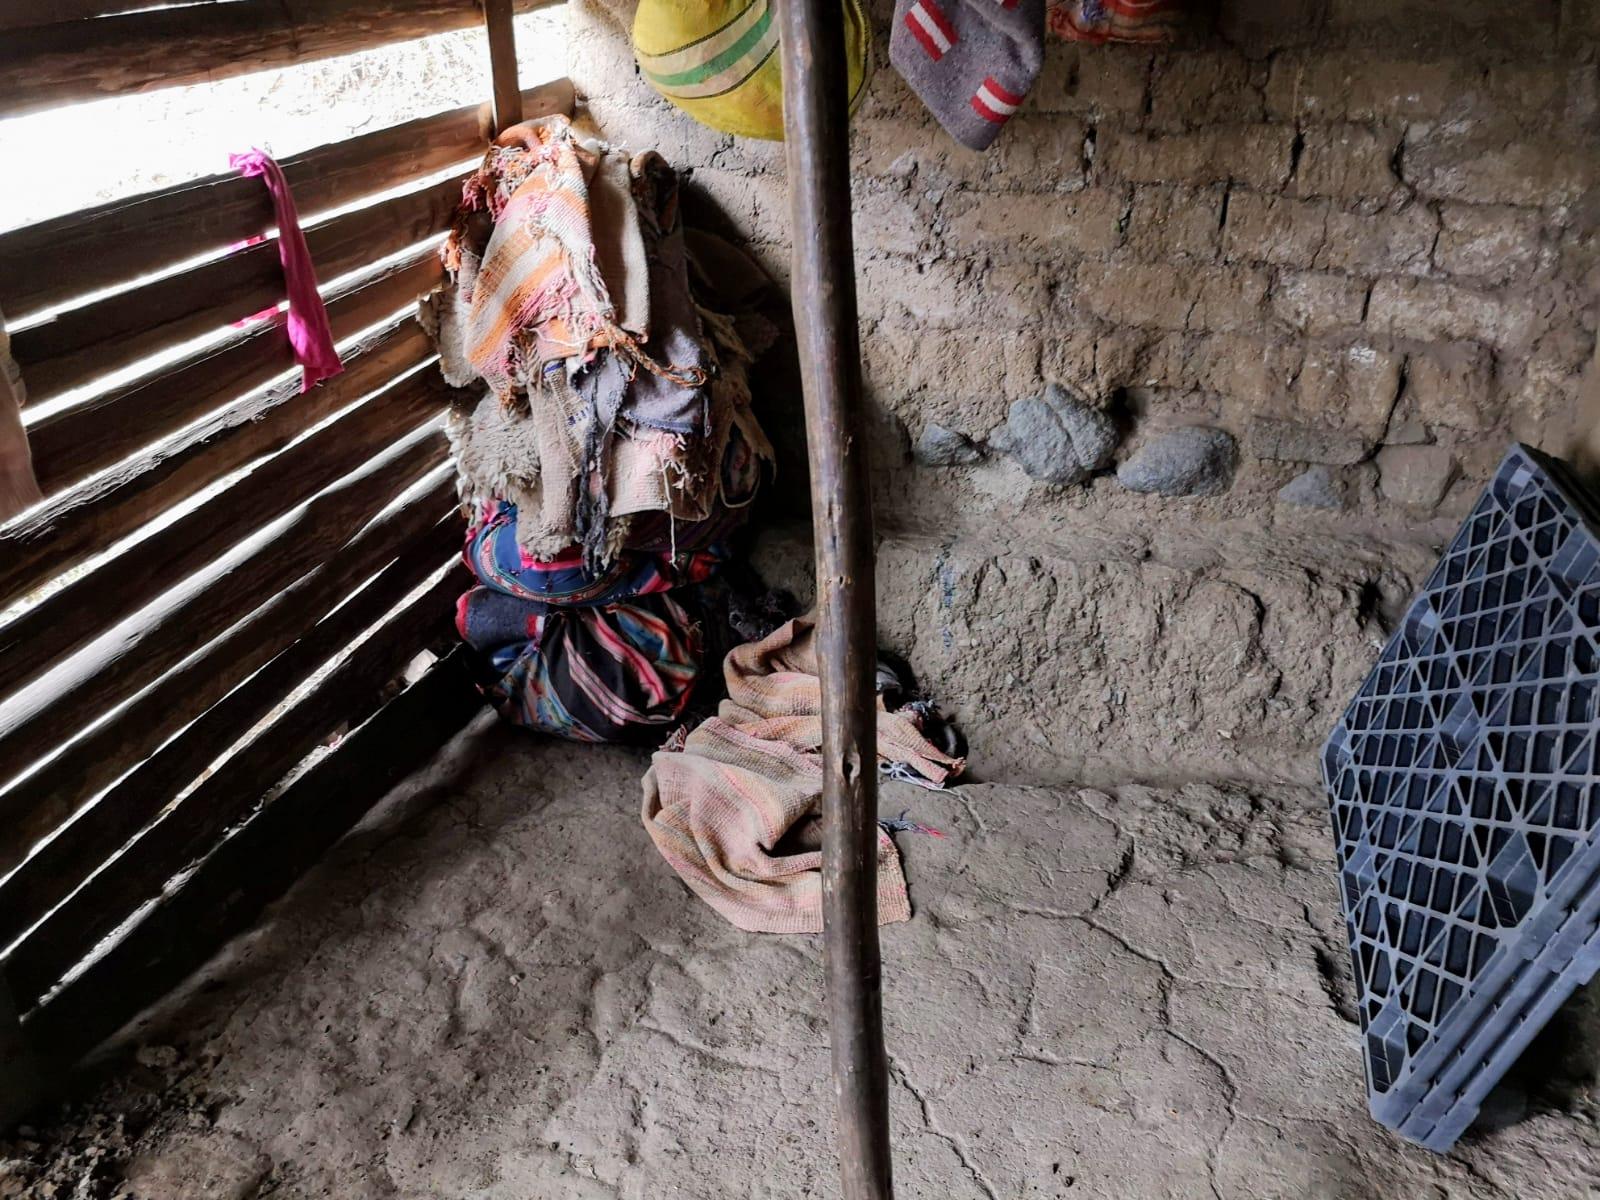 Hier haben die drei auf abgenutzen Schaffellen und schwerden Decken geschlafen - ohne Tür und richtige Wand.